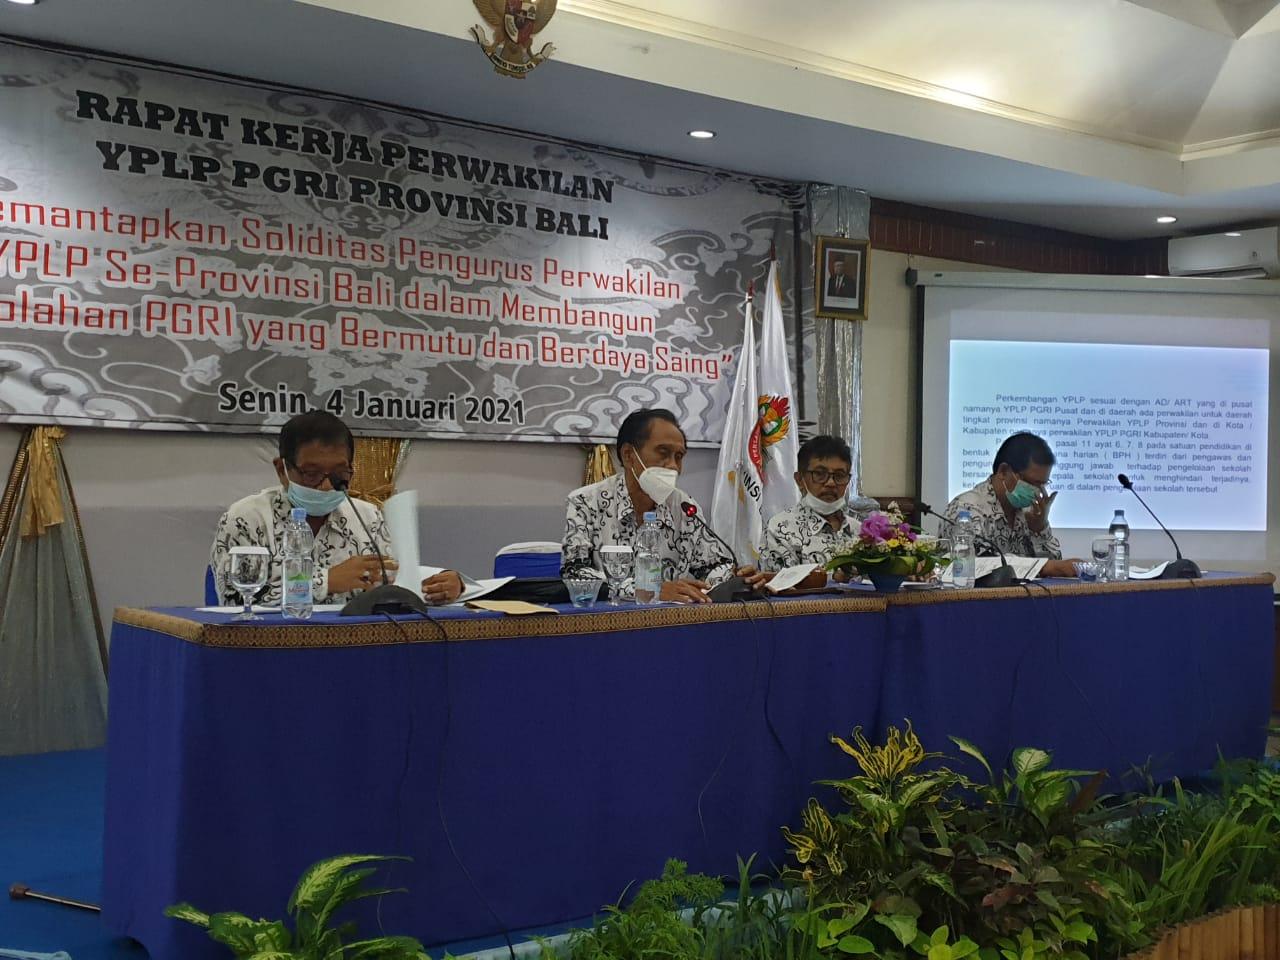 KETUA YPLP PGRI Provinsi Bali, I Made Suada, saat memimpin Rapat Kerja Pengurus Perwakilan YPLP PGRI Provinsi Bali tahun 2021, Senin (4/1/2021). Foto: tra